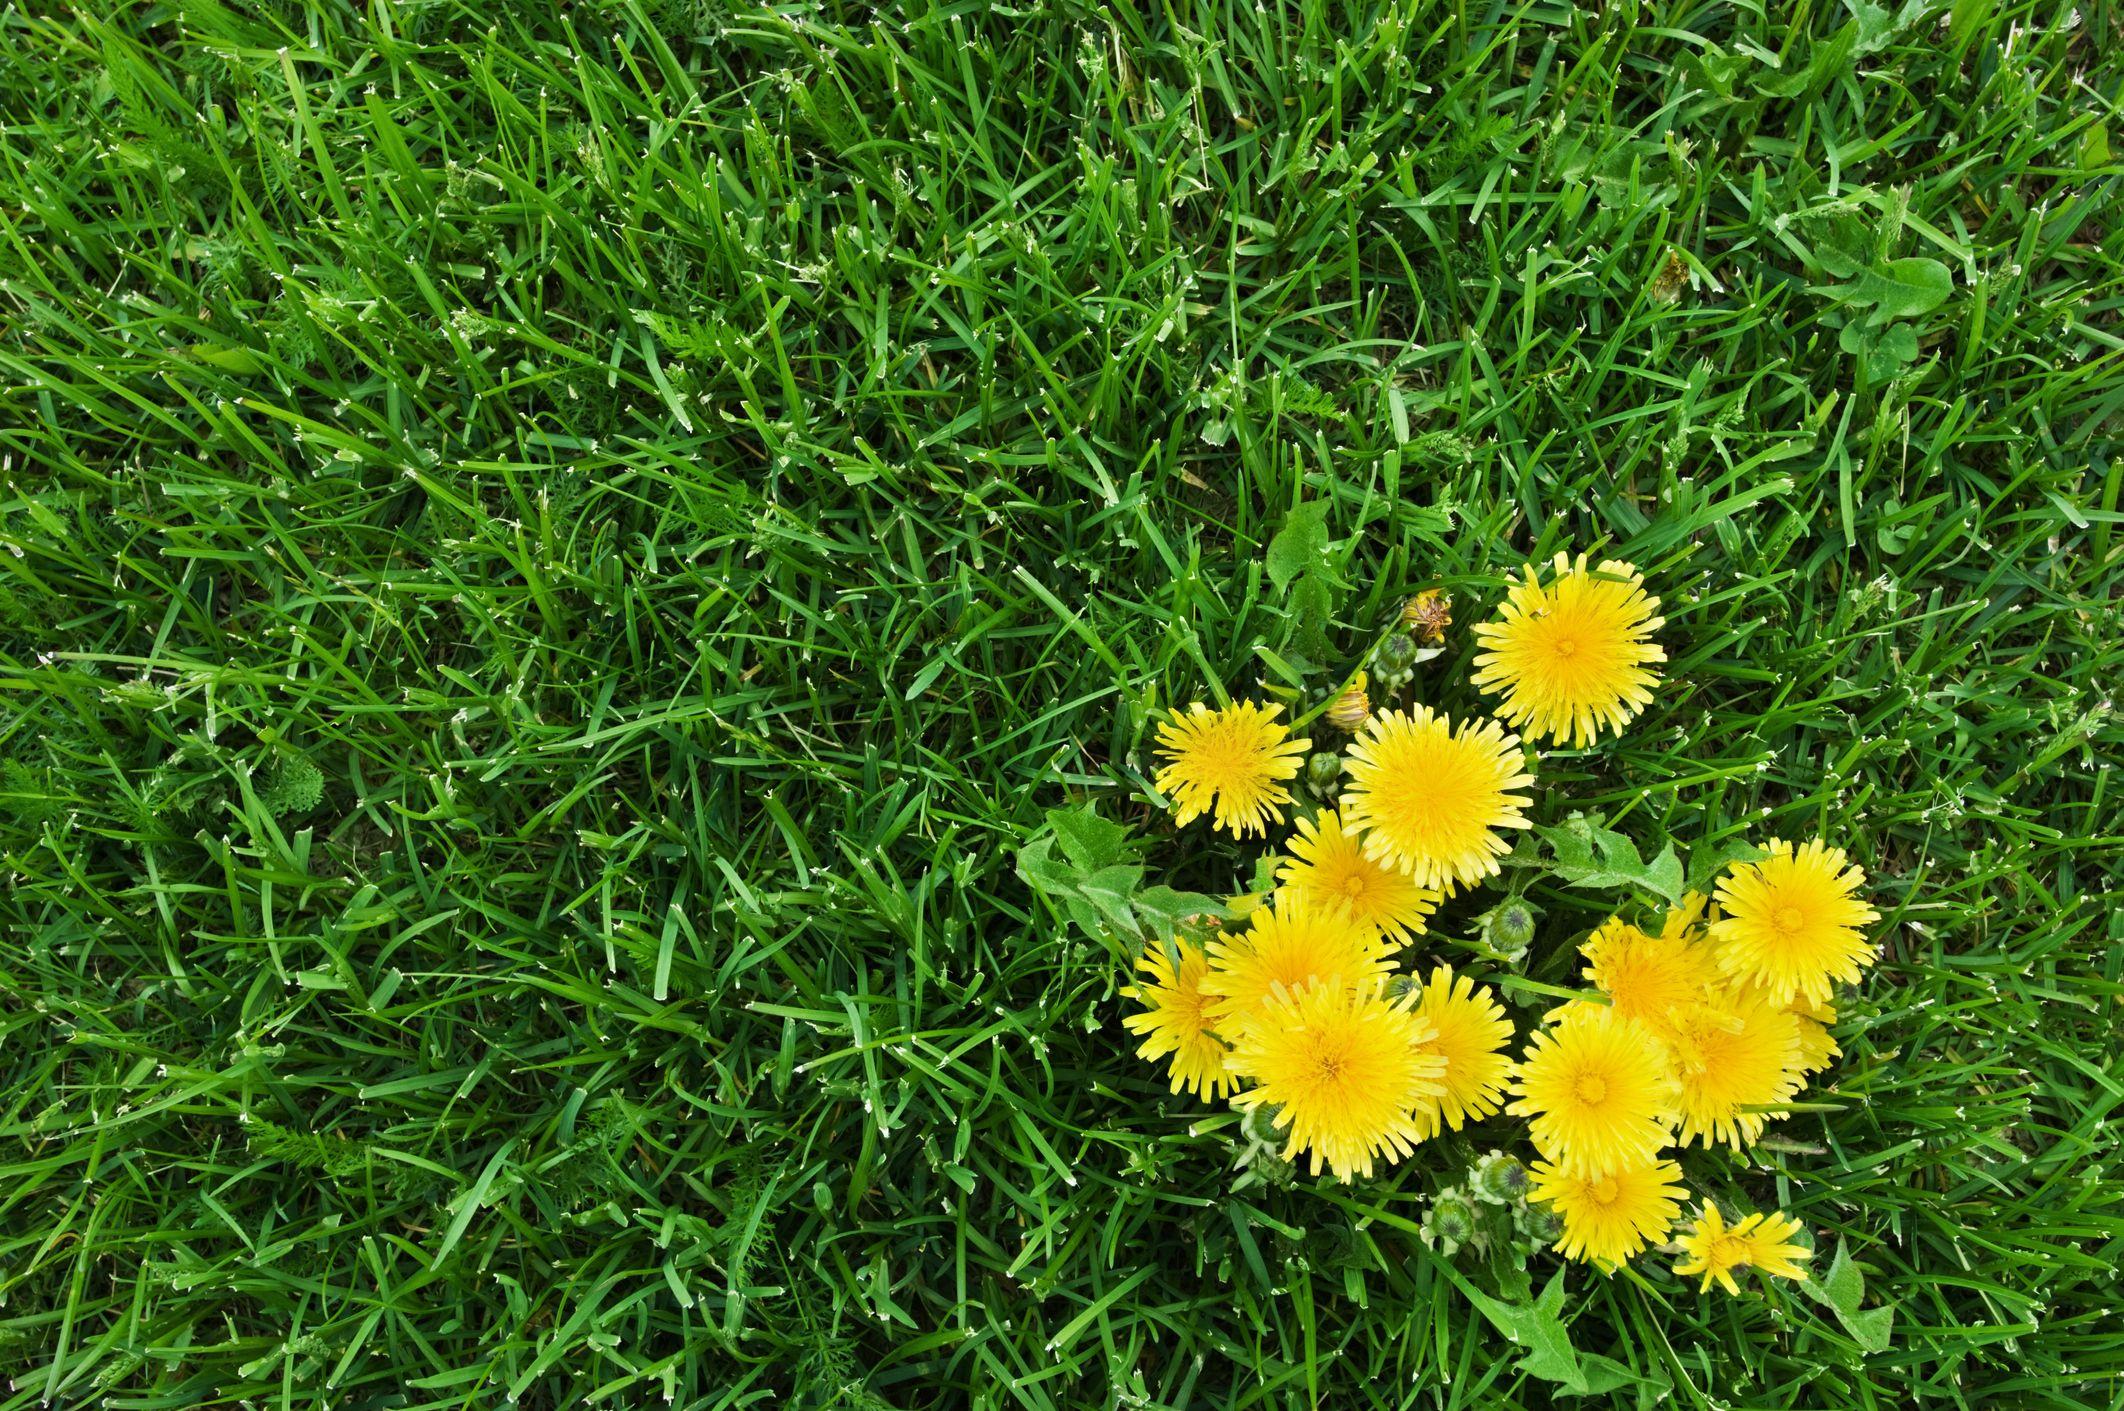 Hình ảnh hoa cúc vàng và cỏ xanh